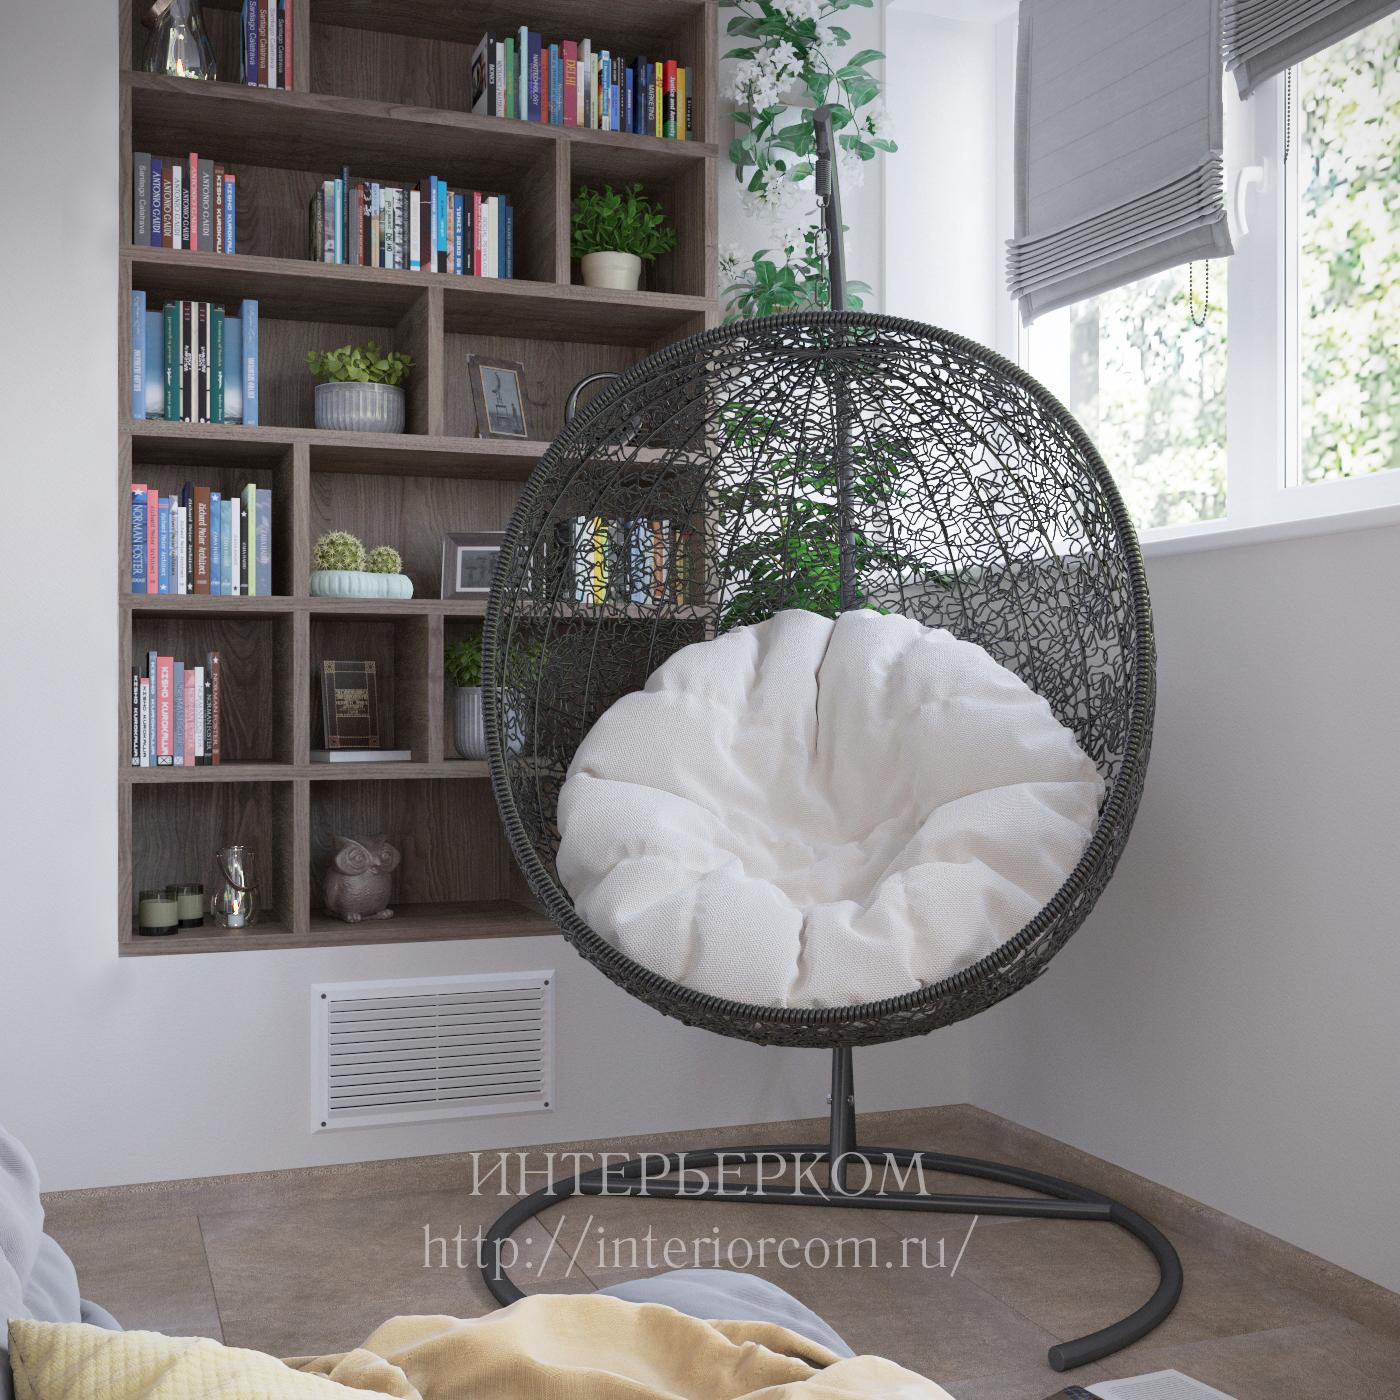 кресло в интерьере балкона